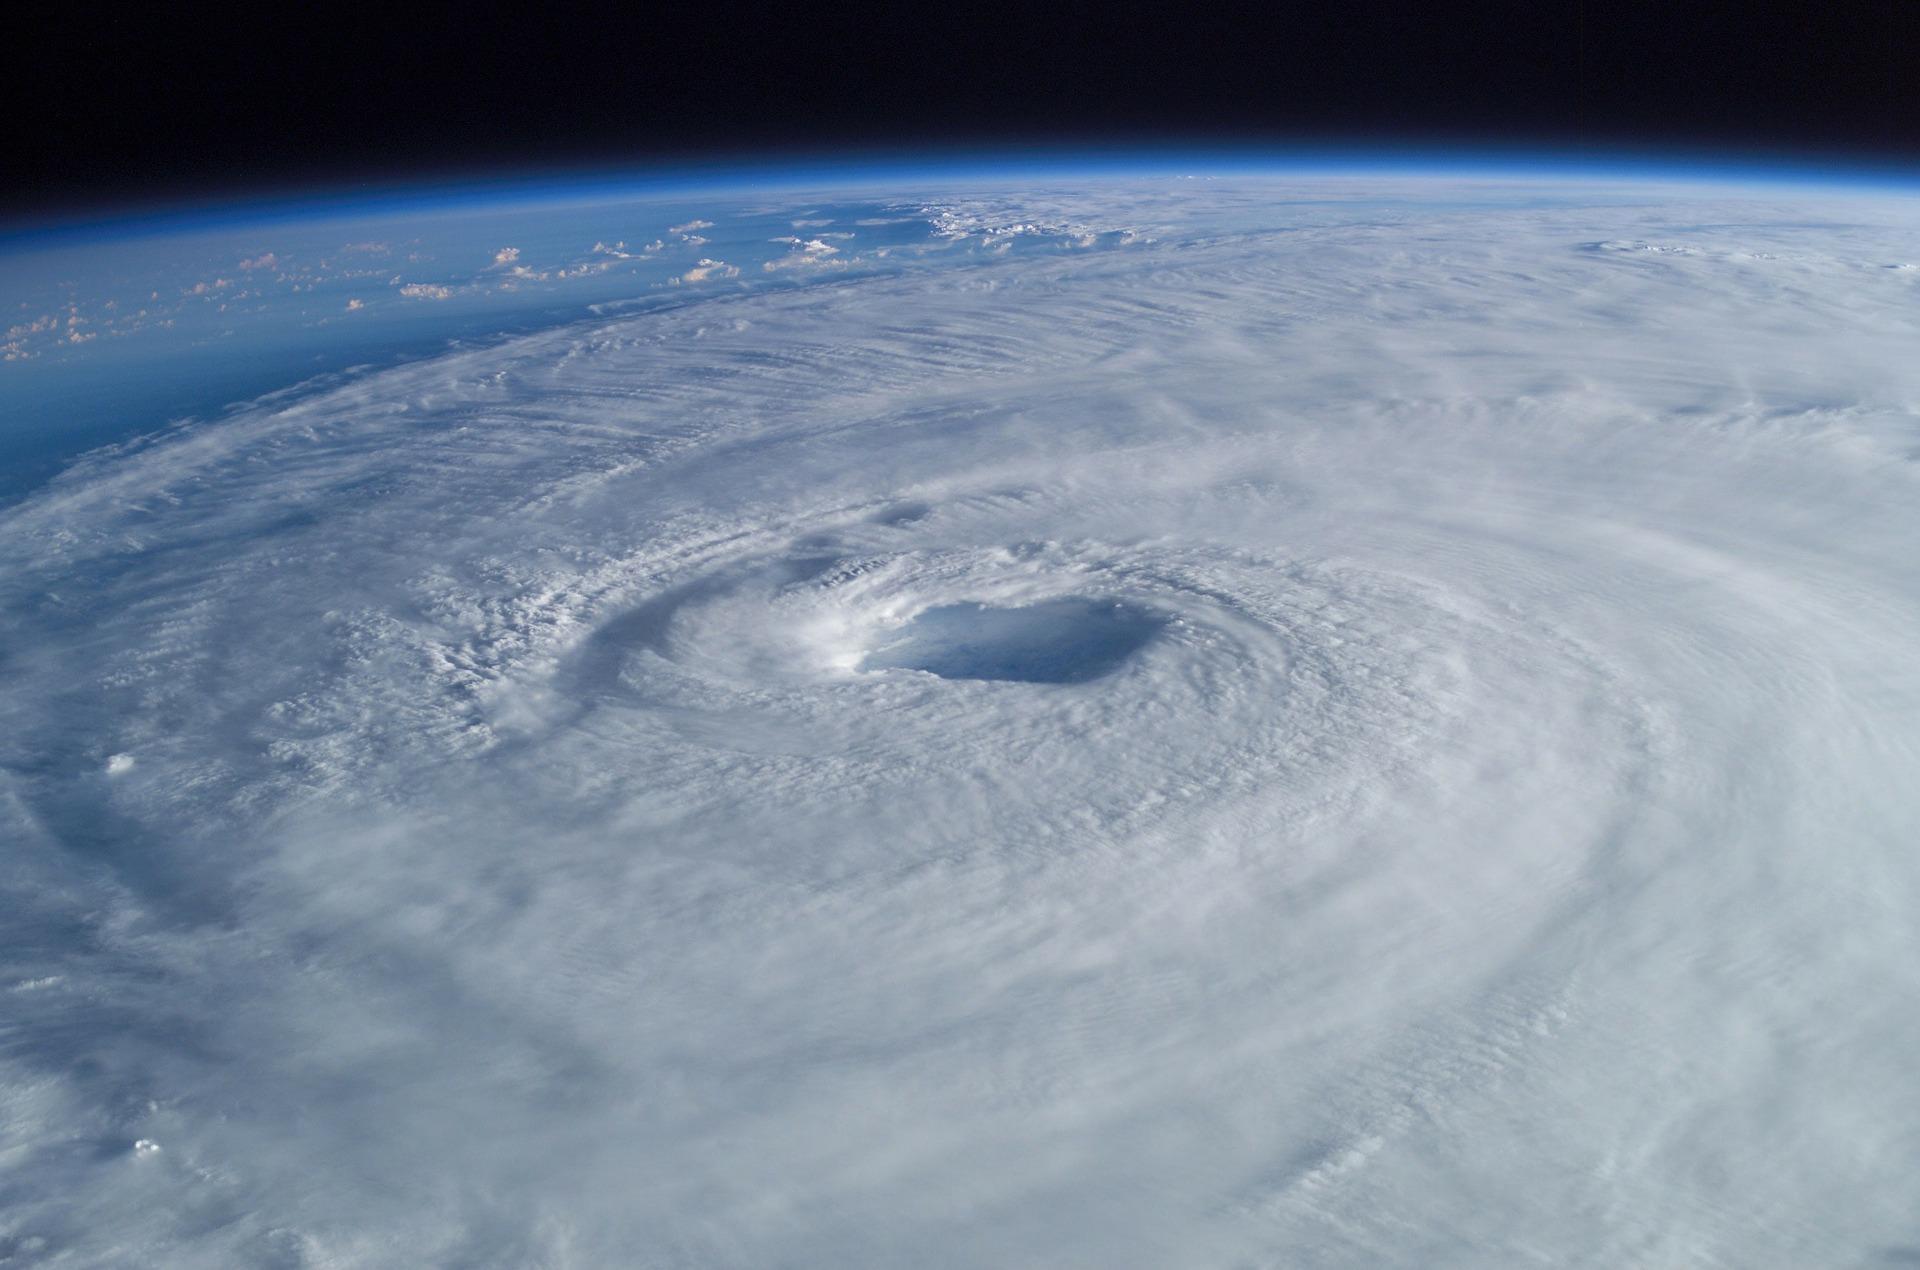 Liste des noms d'ouragans de l'Atlantique à la retraite